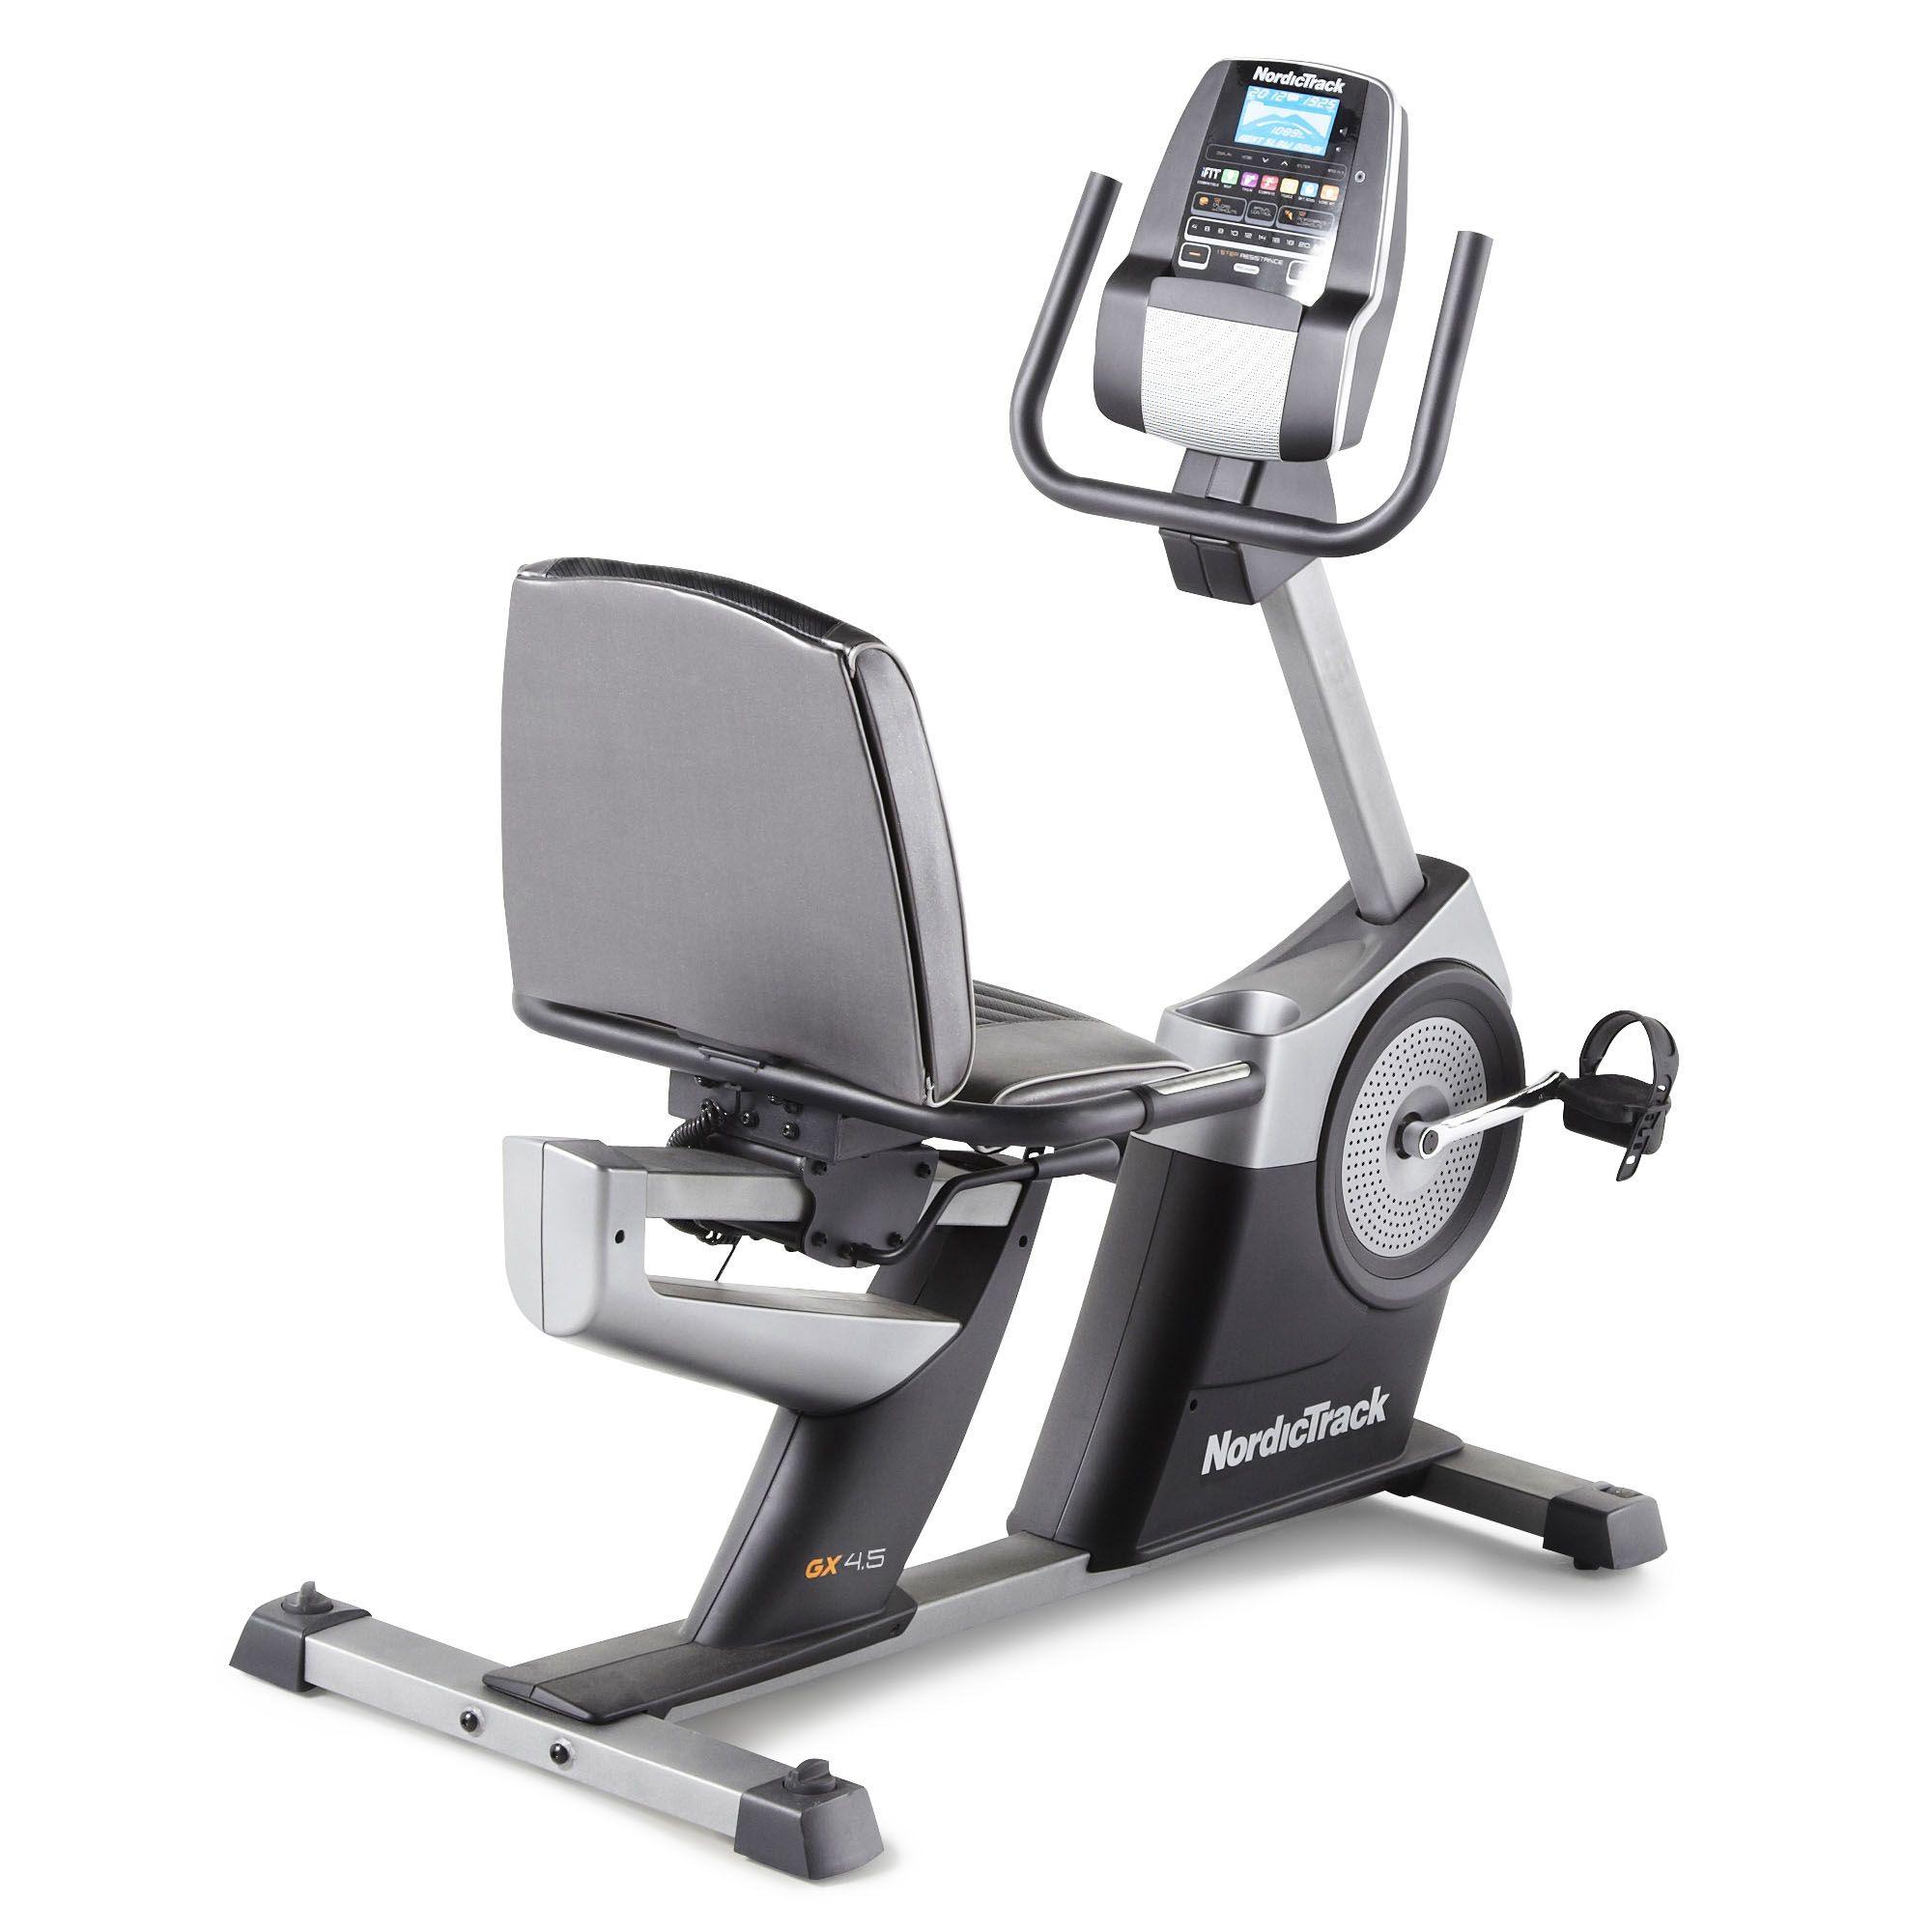 nordictrack gxr 4 2 recumbent exercise bike. Black Bedroom Furniture Sets. Home Design Ideas